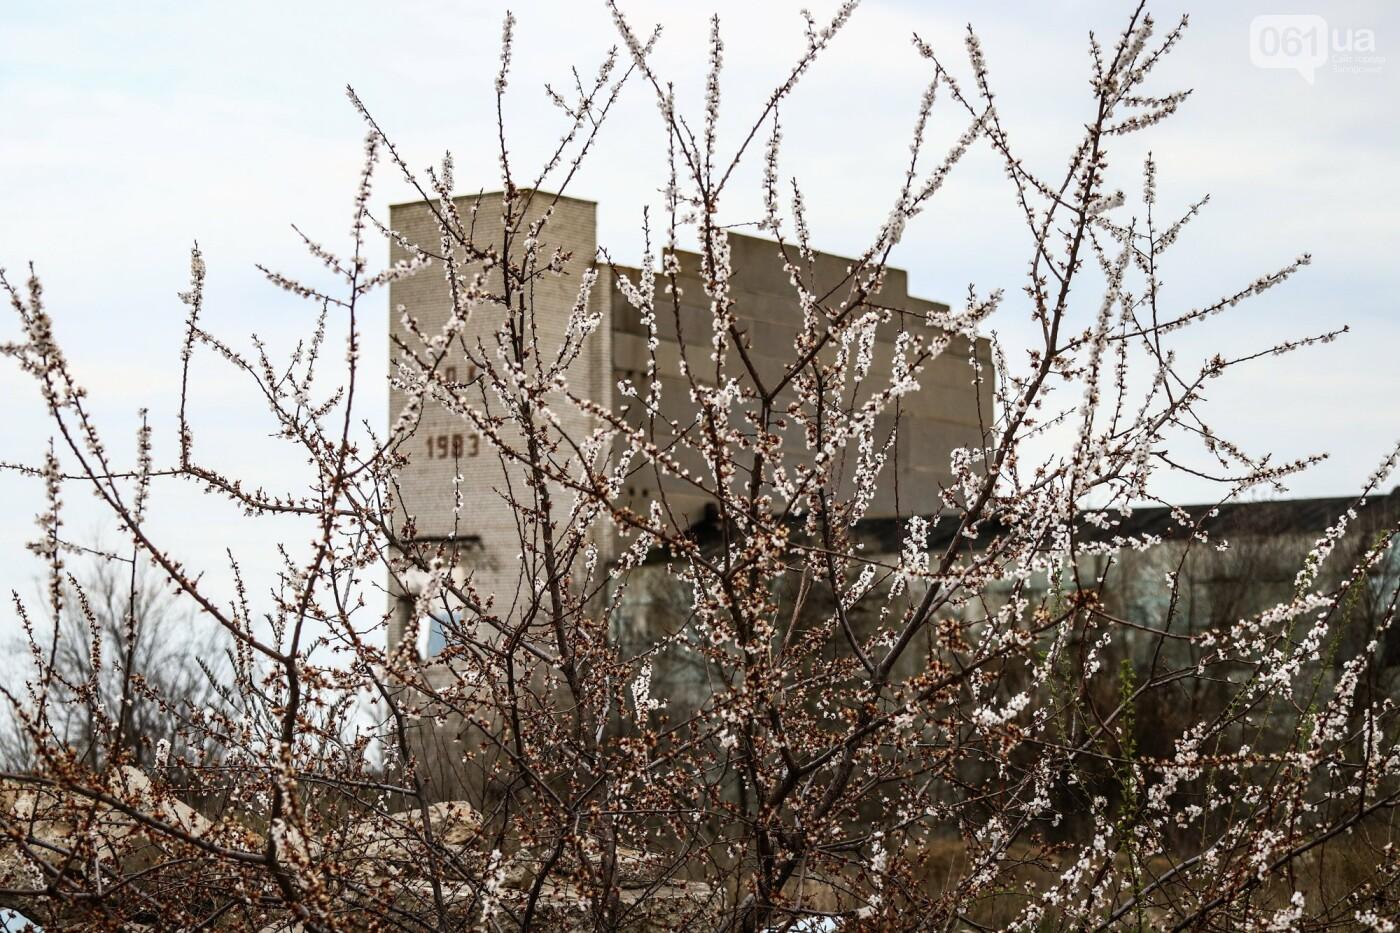 В Степногорске пытаются разобрать на металлолом шахту - промплощадка ГОКа превратилась в руины, - ФОТОРЕПОРТАЖ , фото-26